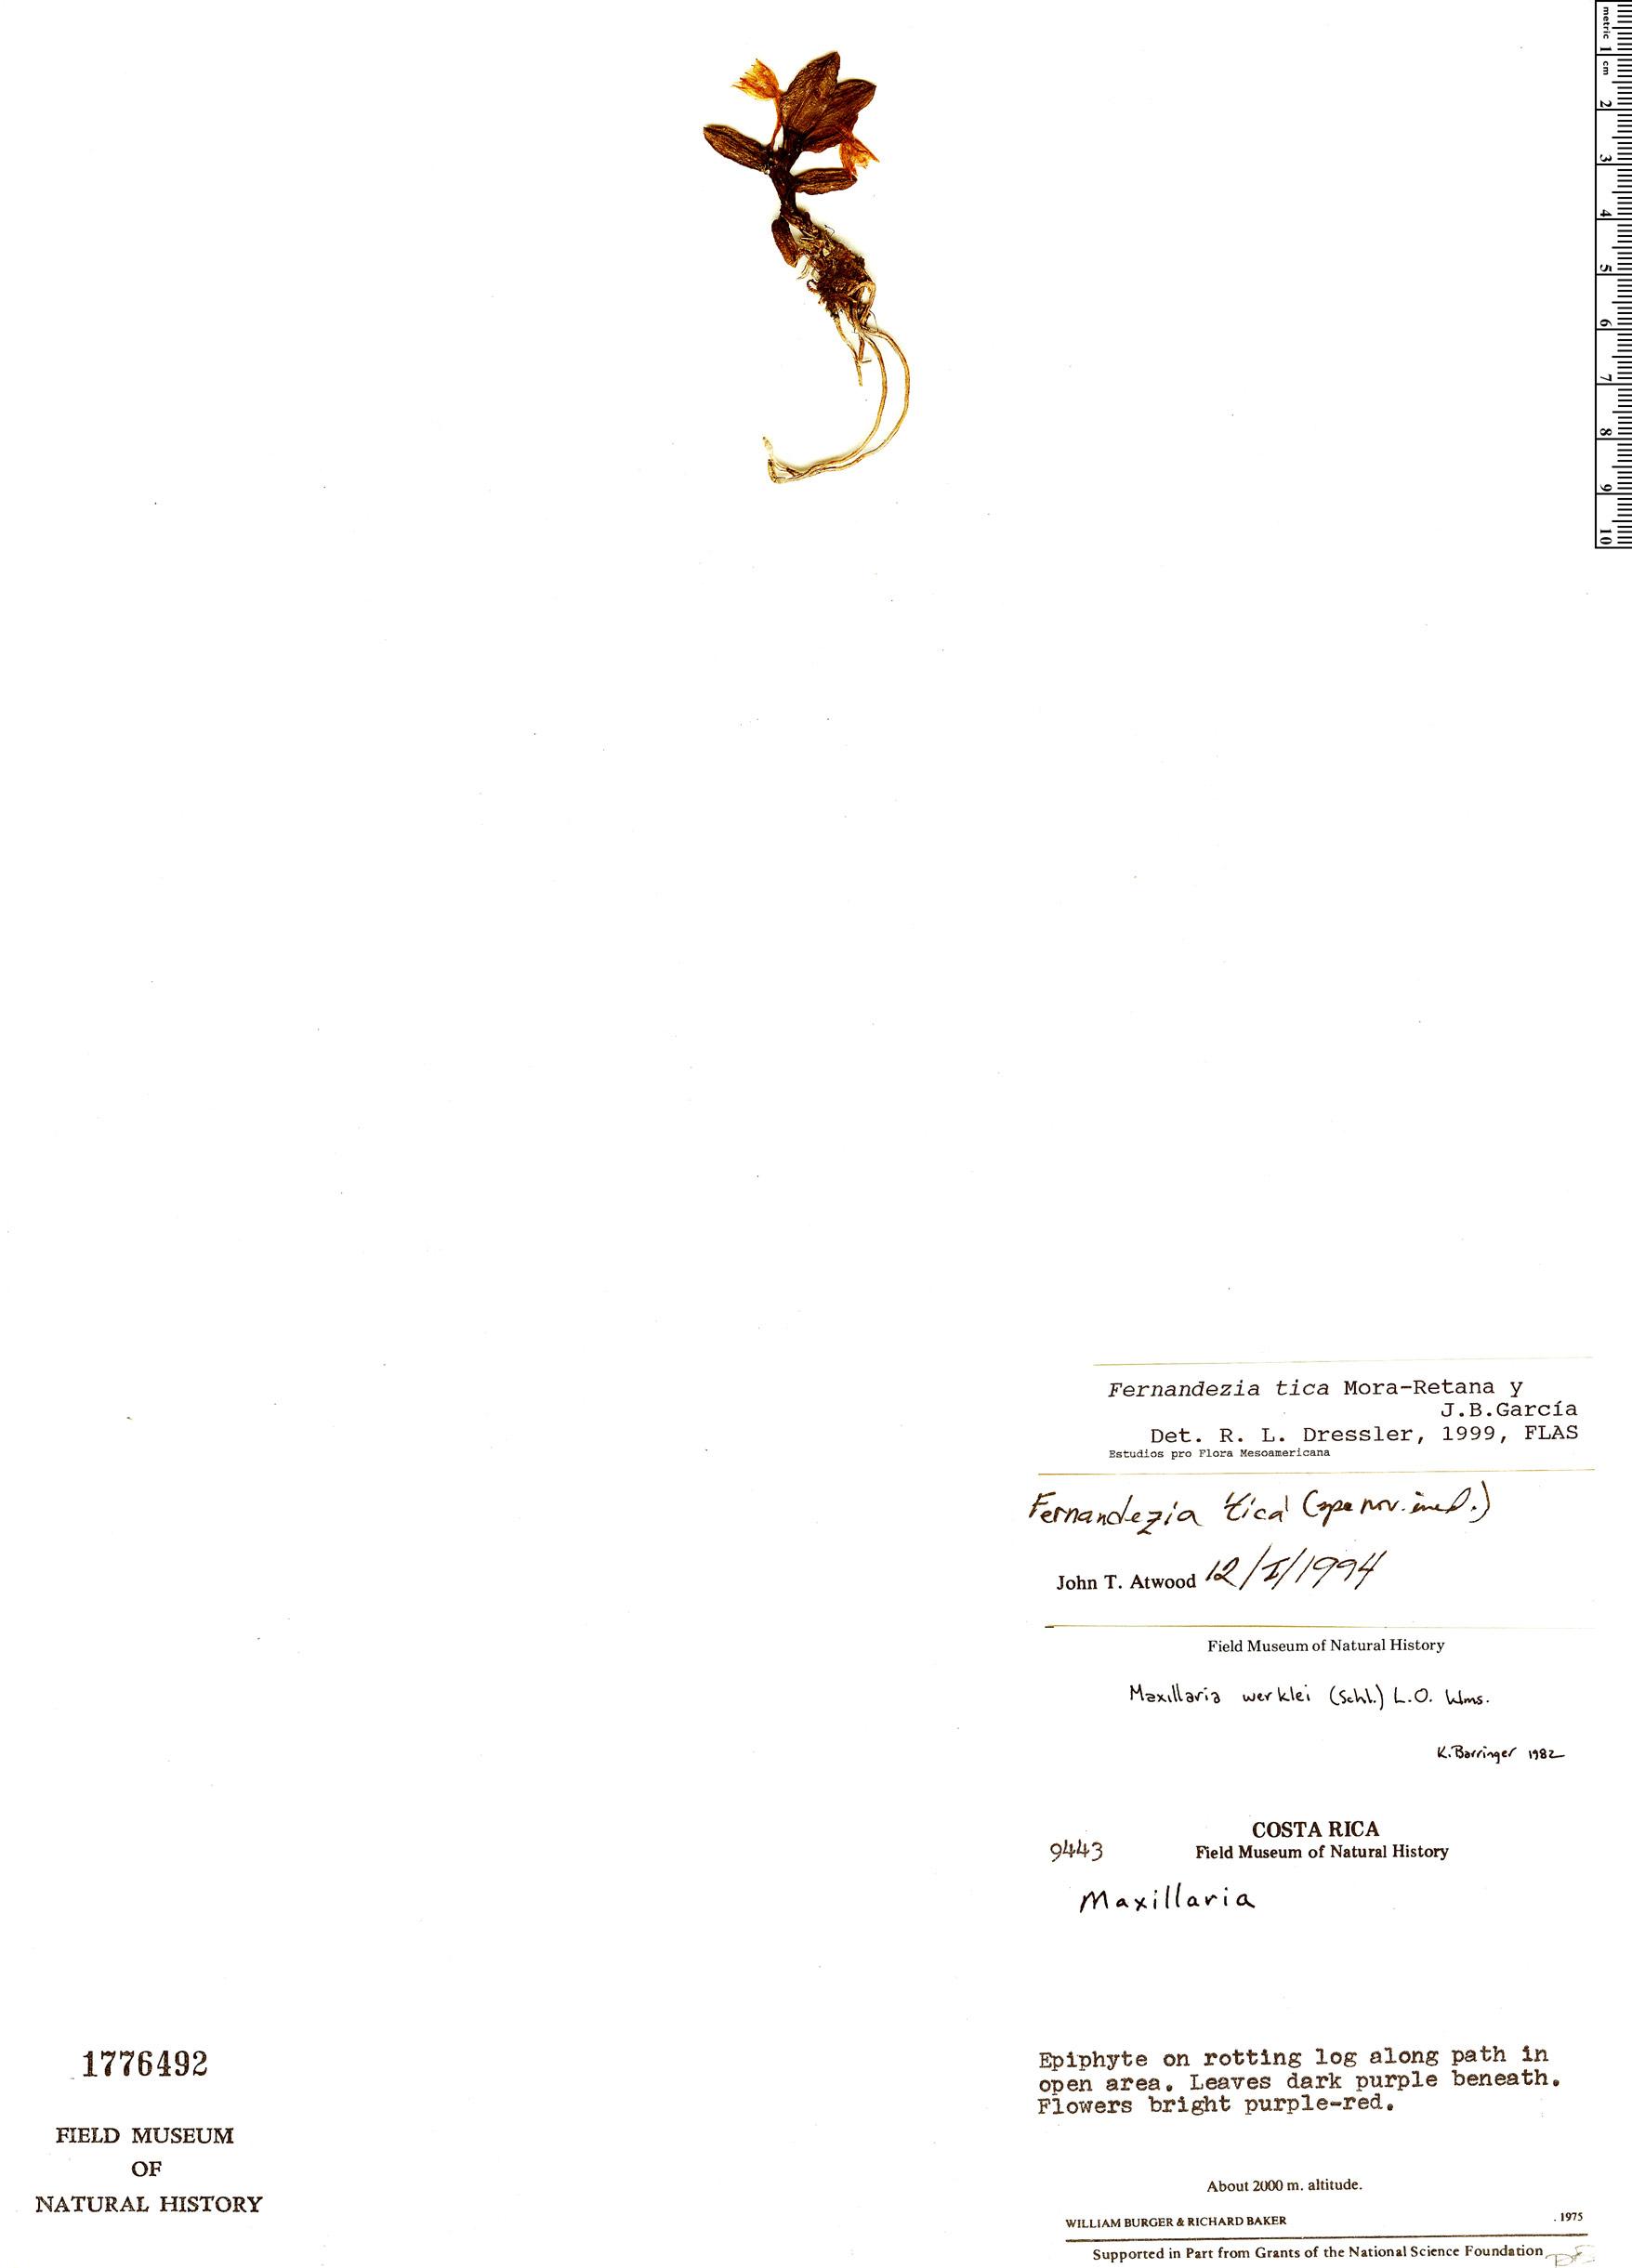 Specimen: Fernandezia tica